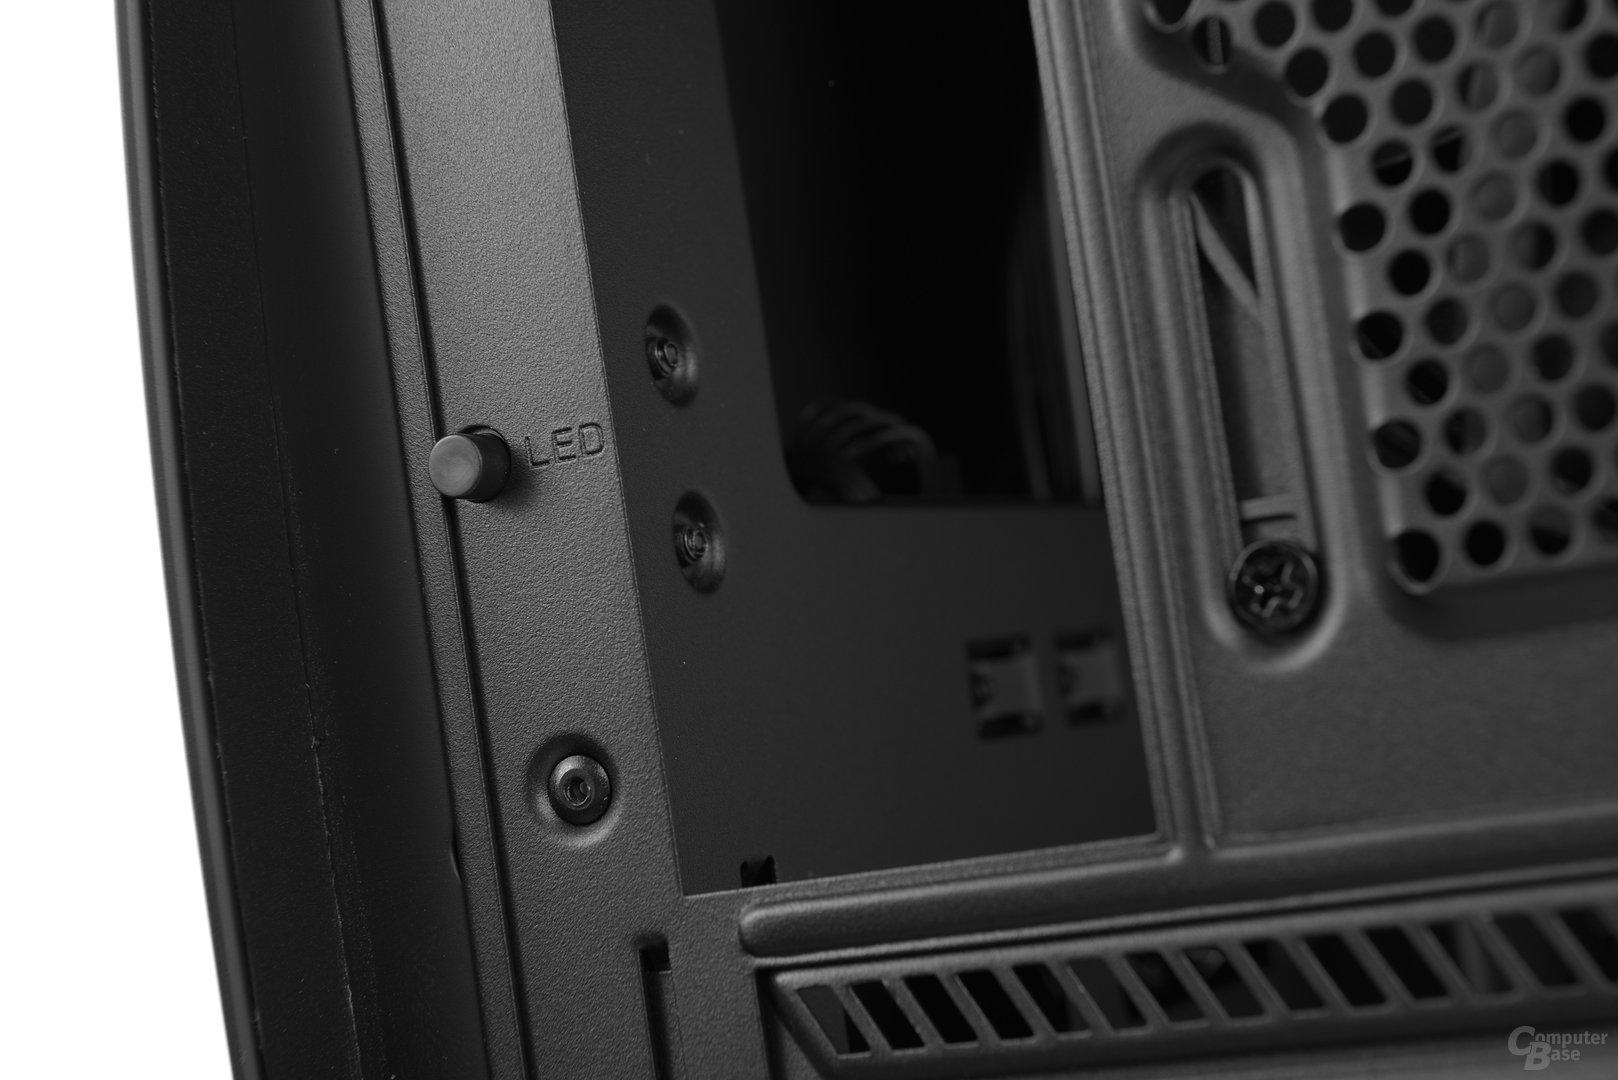 NZXT Manta – Knopf zum Ein- und Ausschalten der LED-Beleuchtung